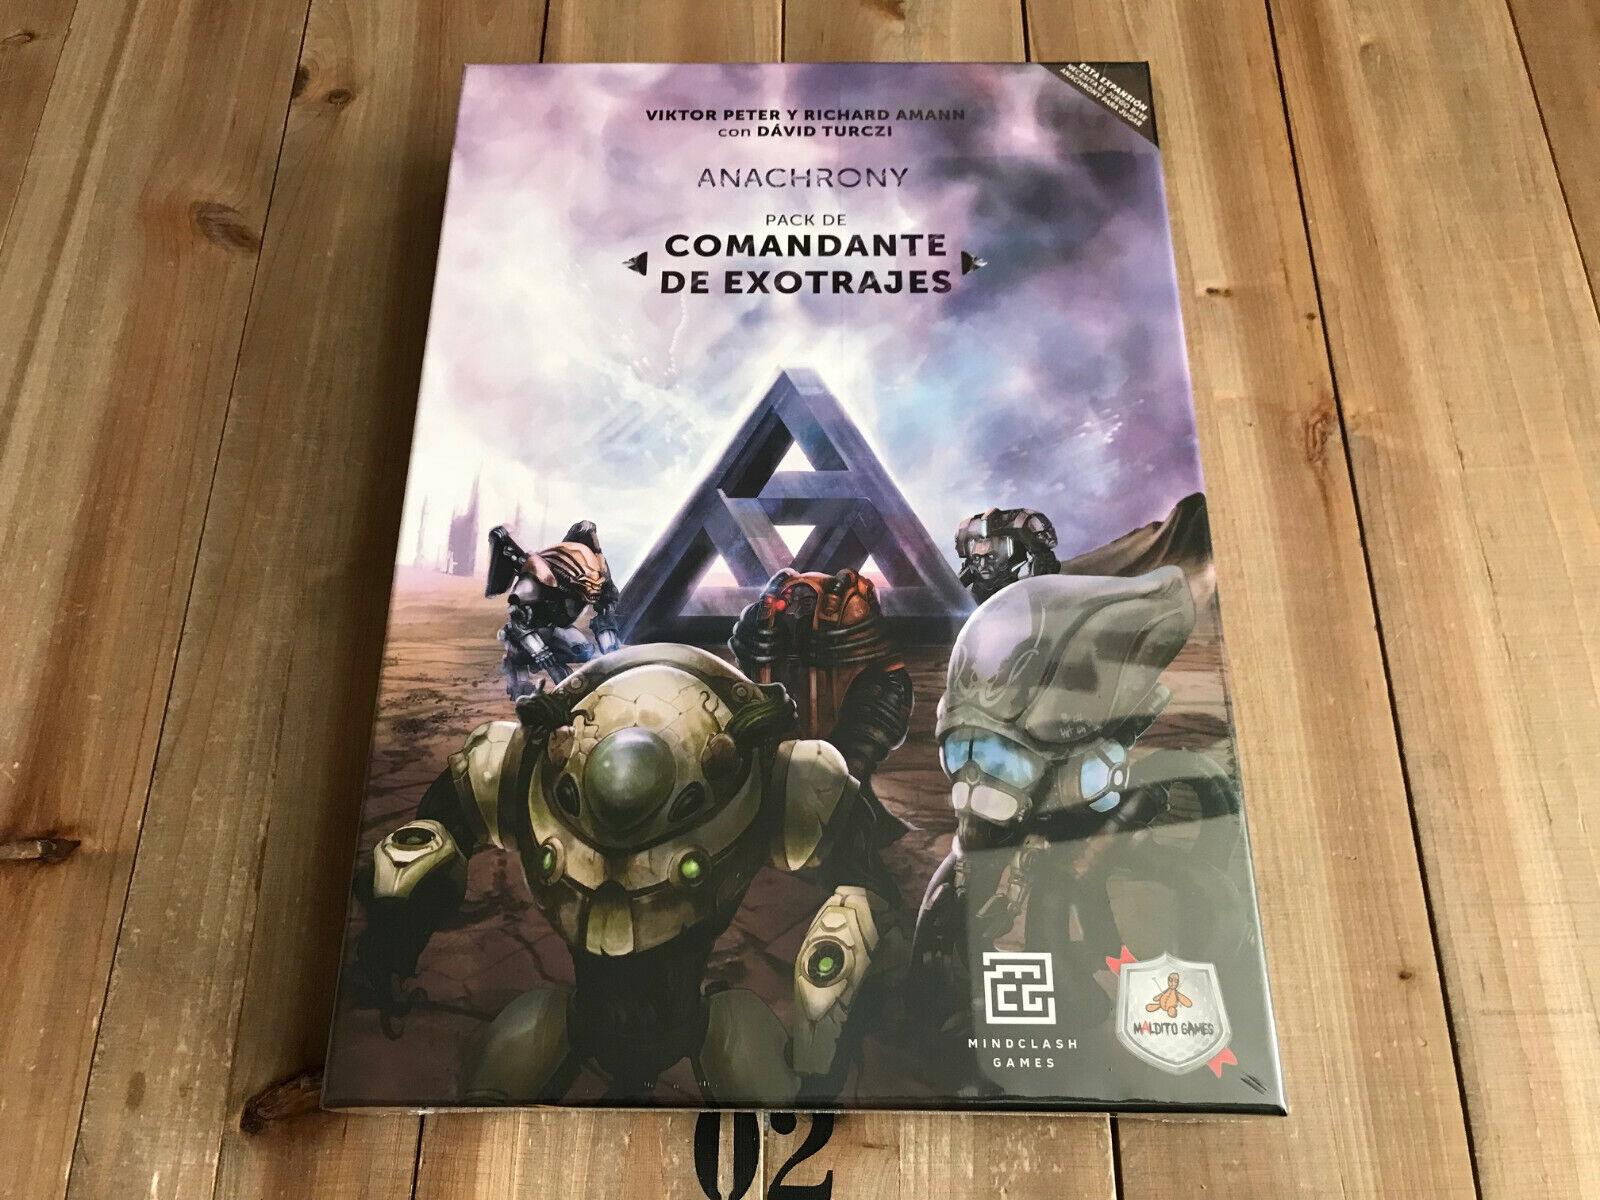 Juego de mesa - Comandante de Exotrajes - Expansión ANACHRONY - Maldito Games